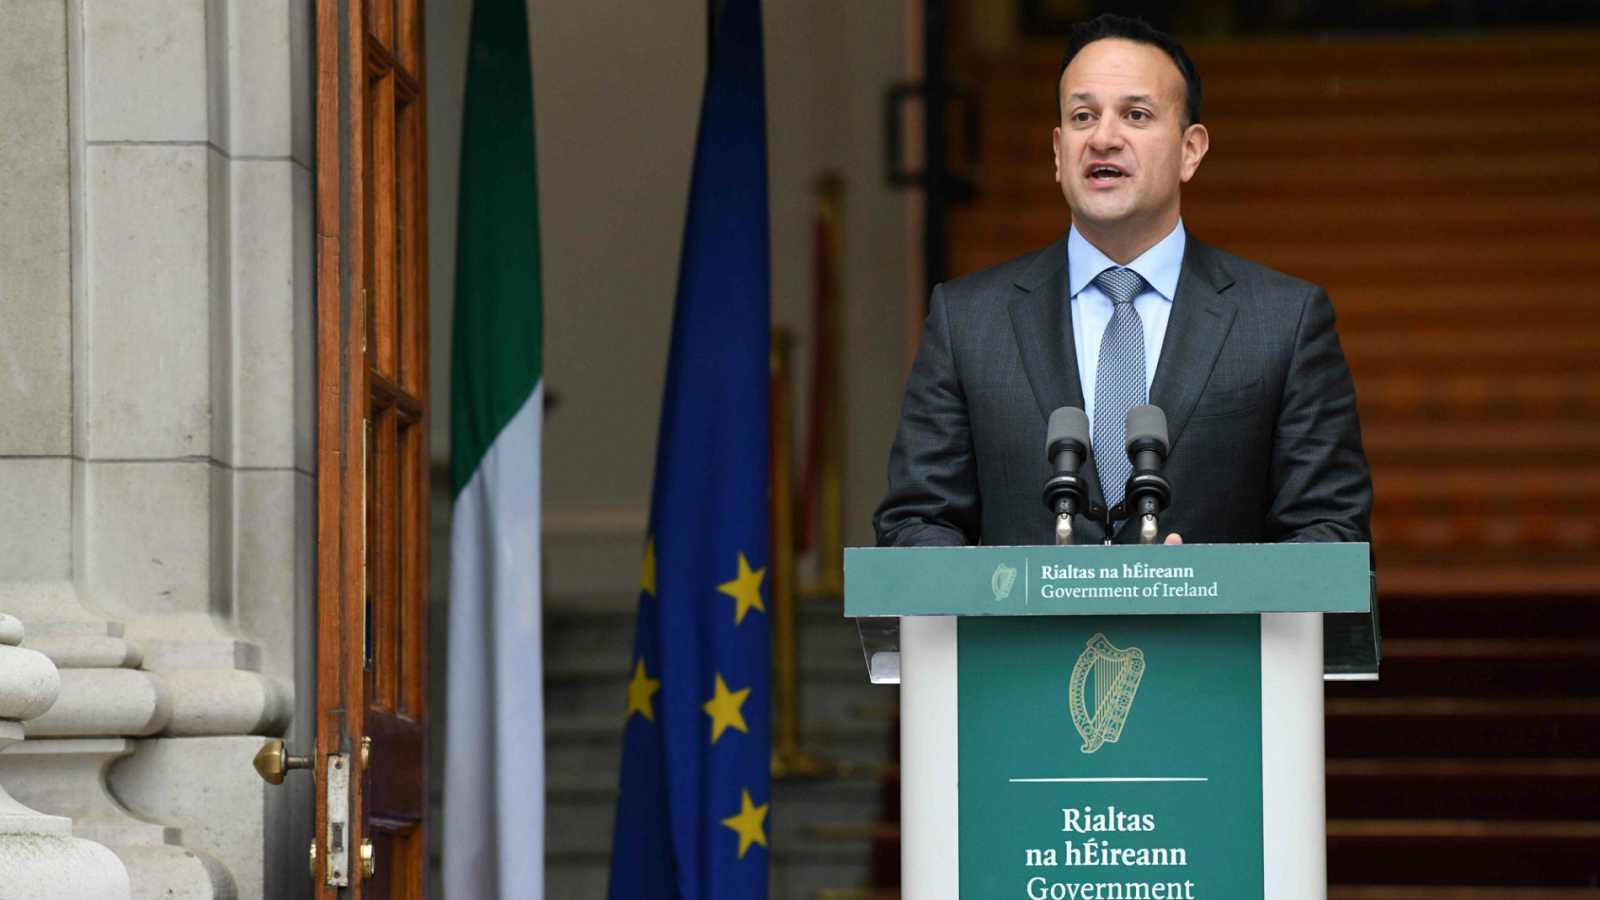 Irlanda vuelve a las urnas el próximo 8 de febrero en unas elecciones generales anticipadas